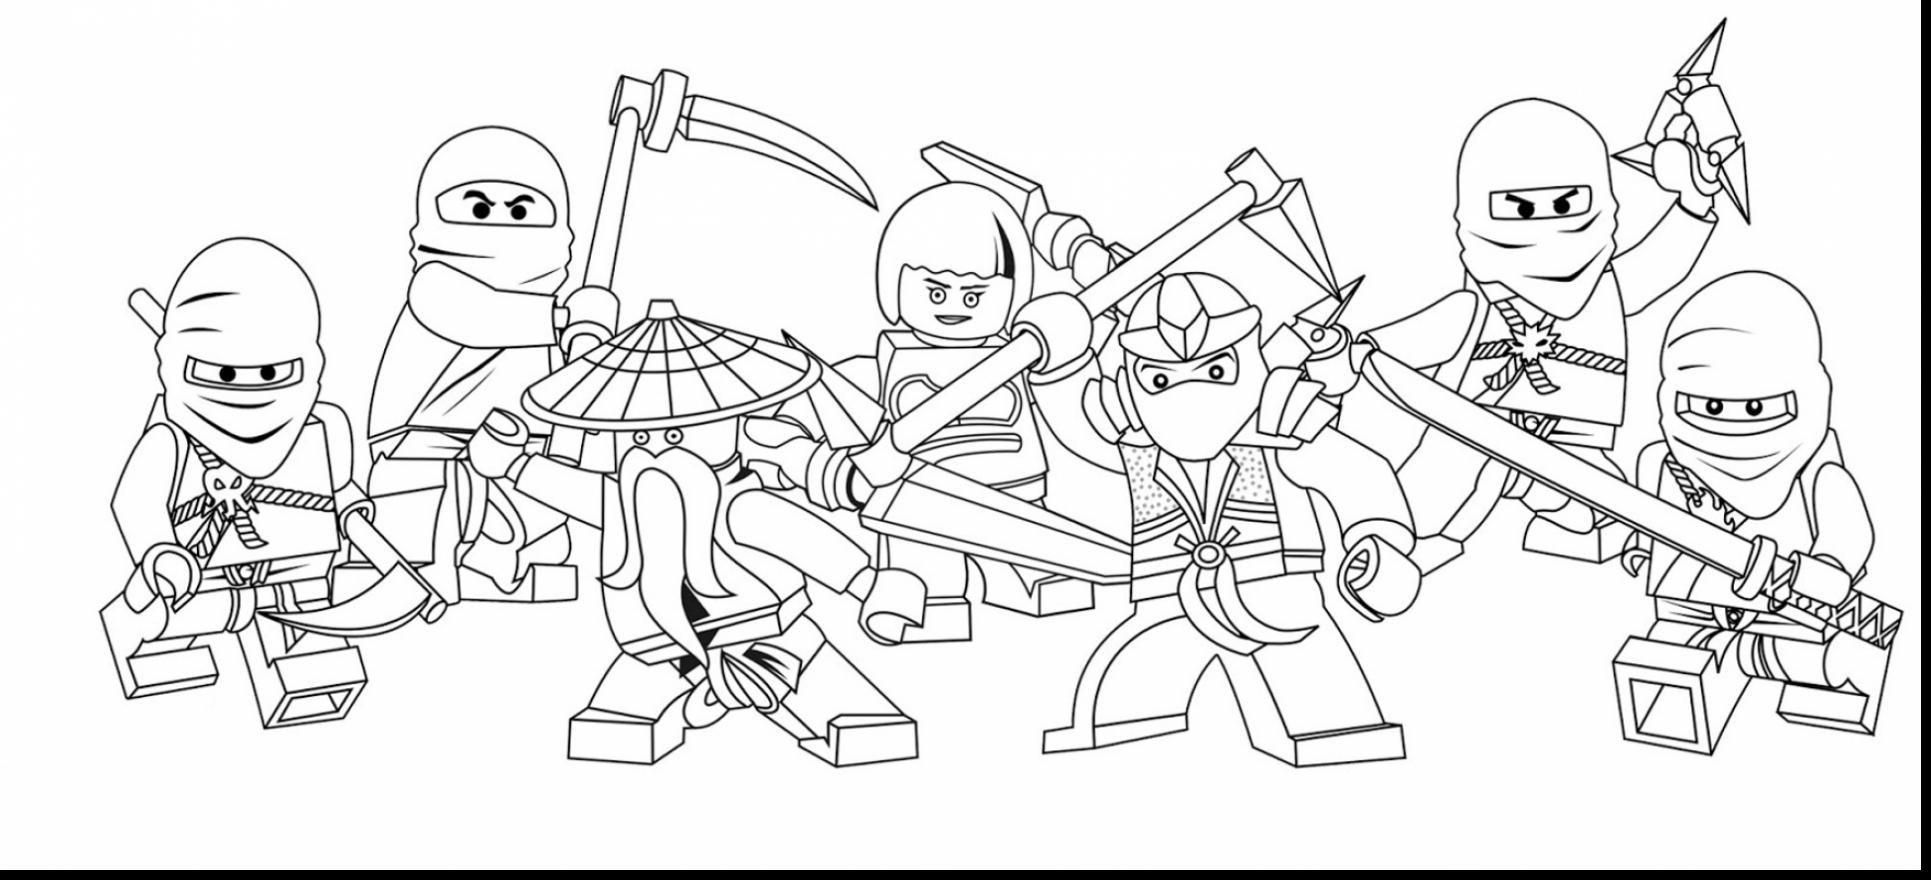 Lego Ninjago Malvorlage Einzigartig Lego Ninjago Coloring Pages to Print Coloring Pages Einzigartig Bild